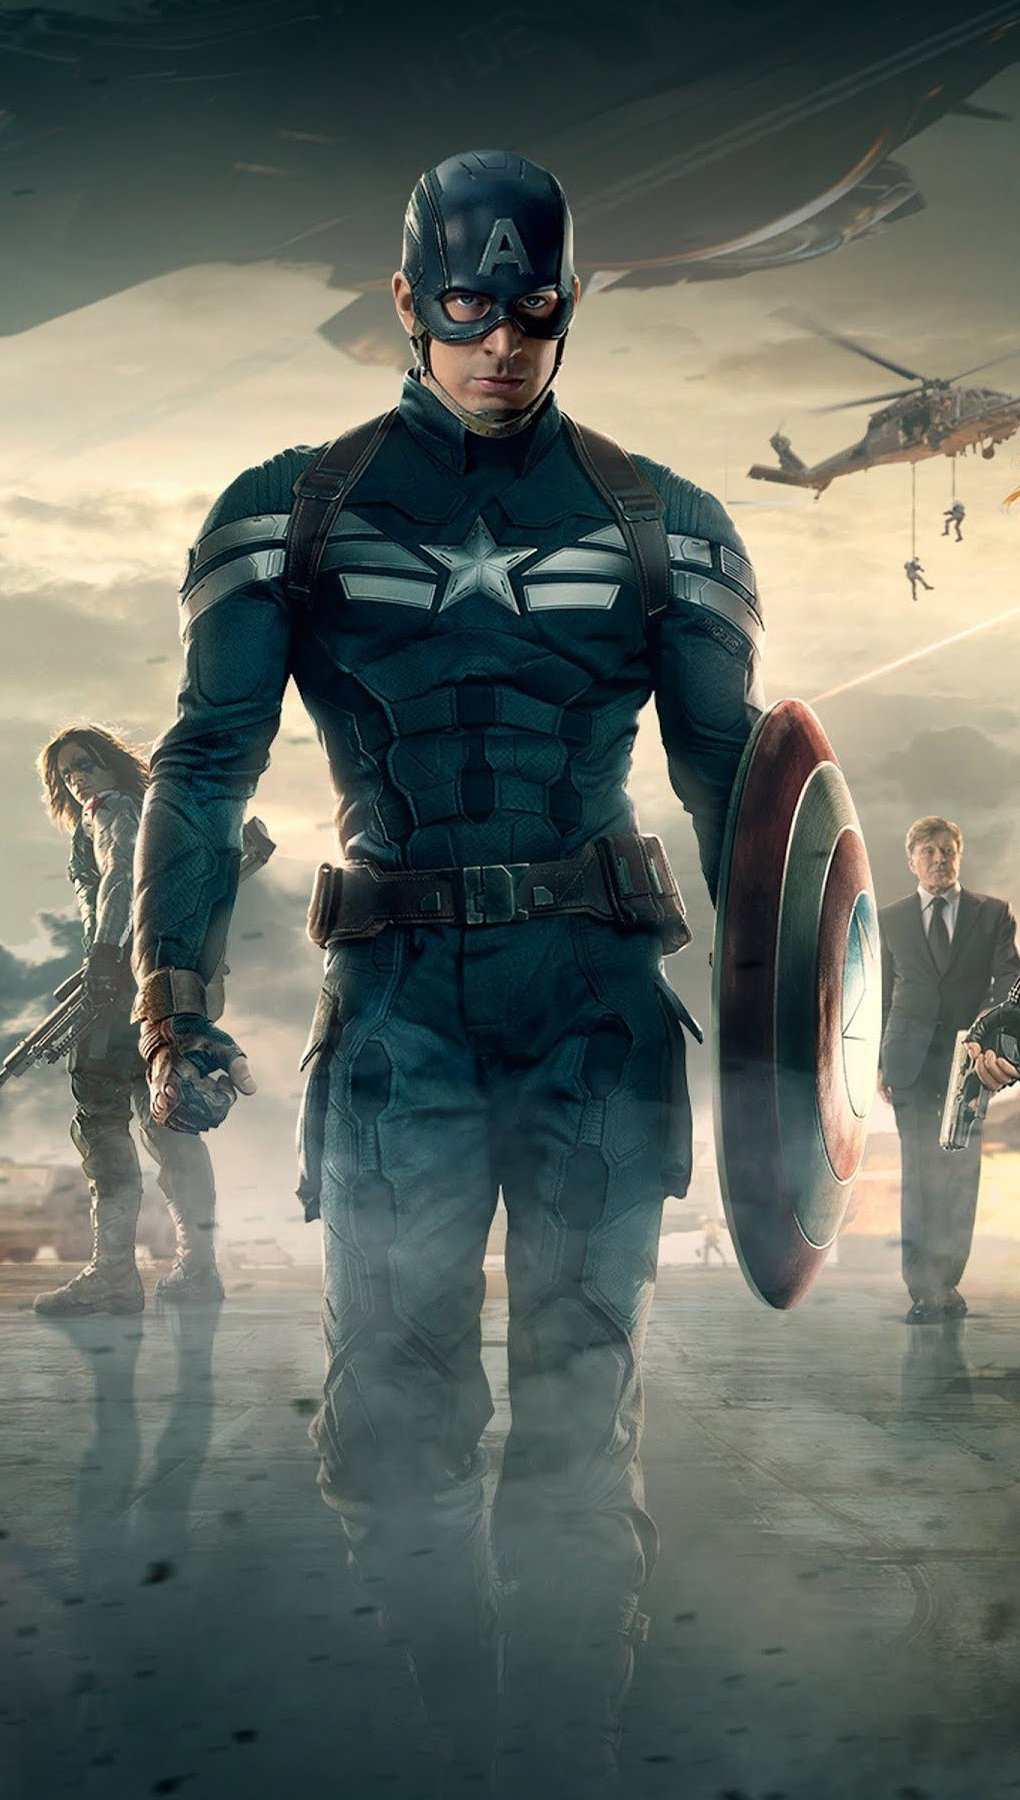 Fondos de pantalla Película Capitan America El soldado de invierno Vertical